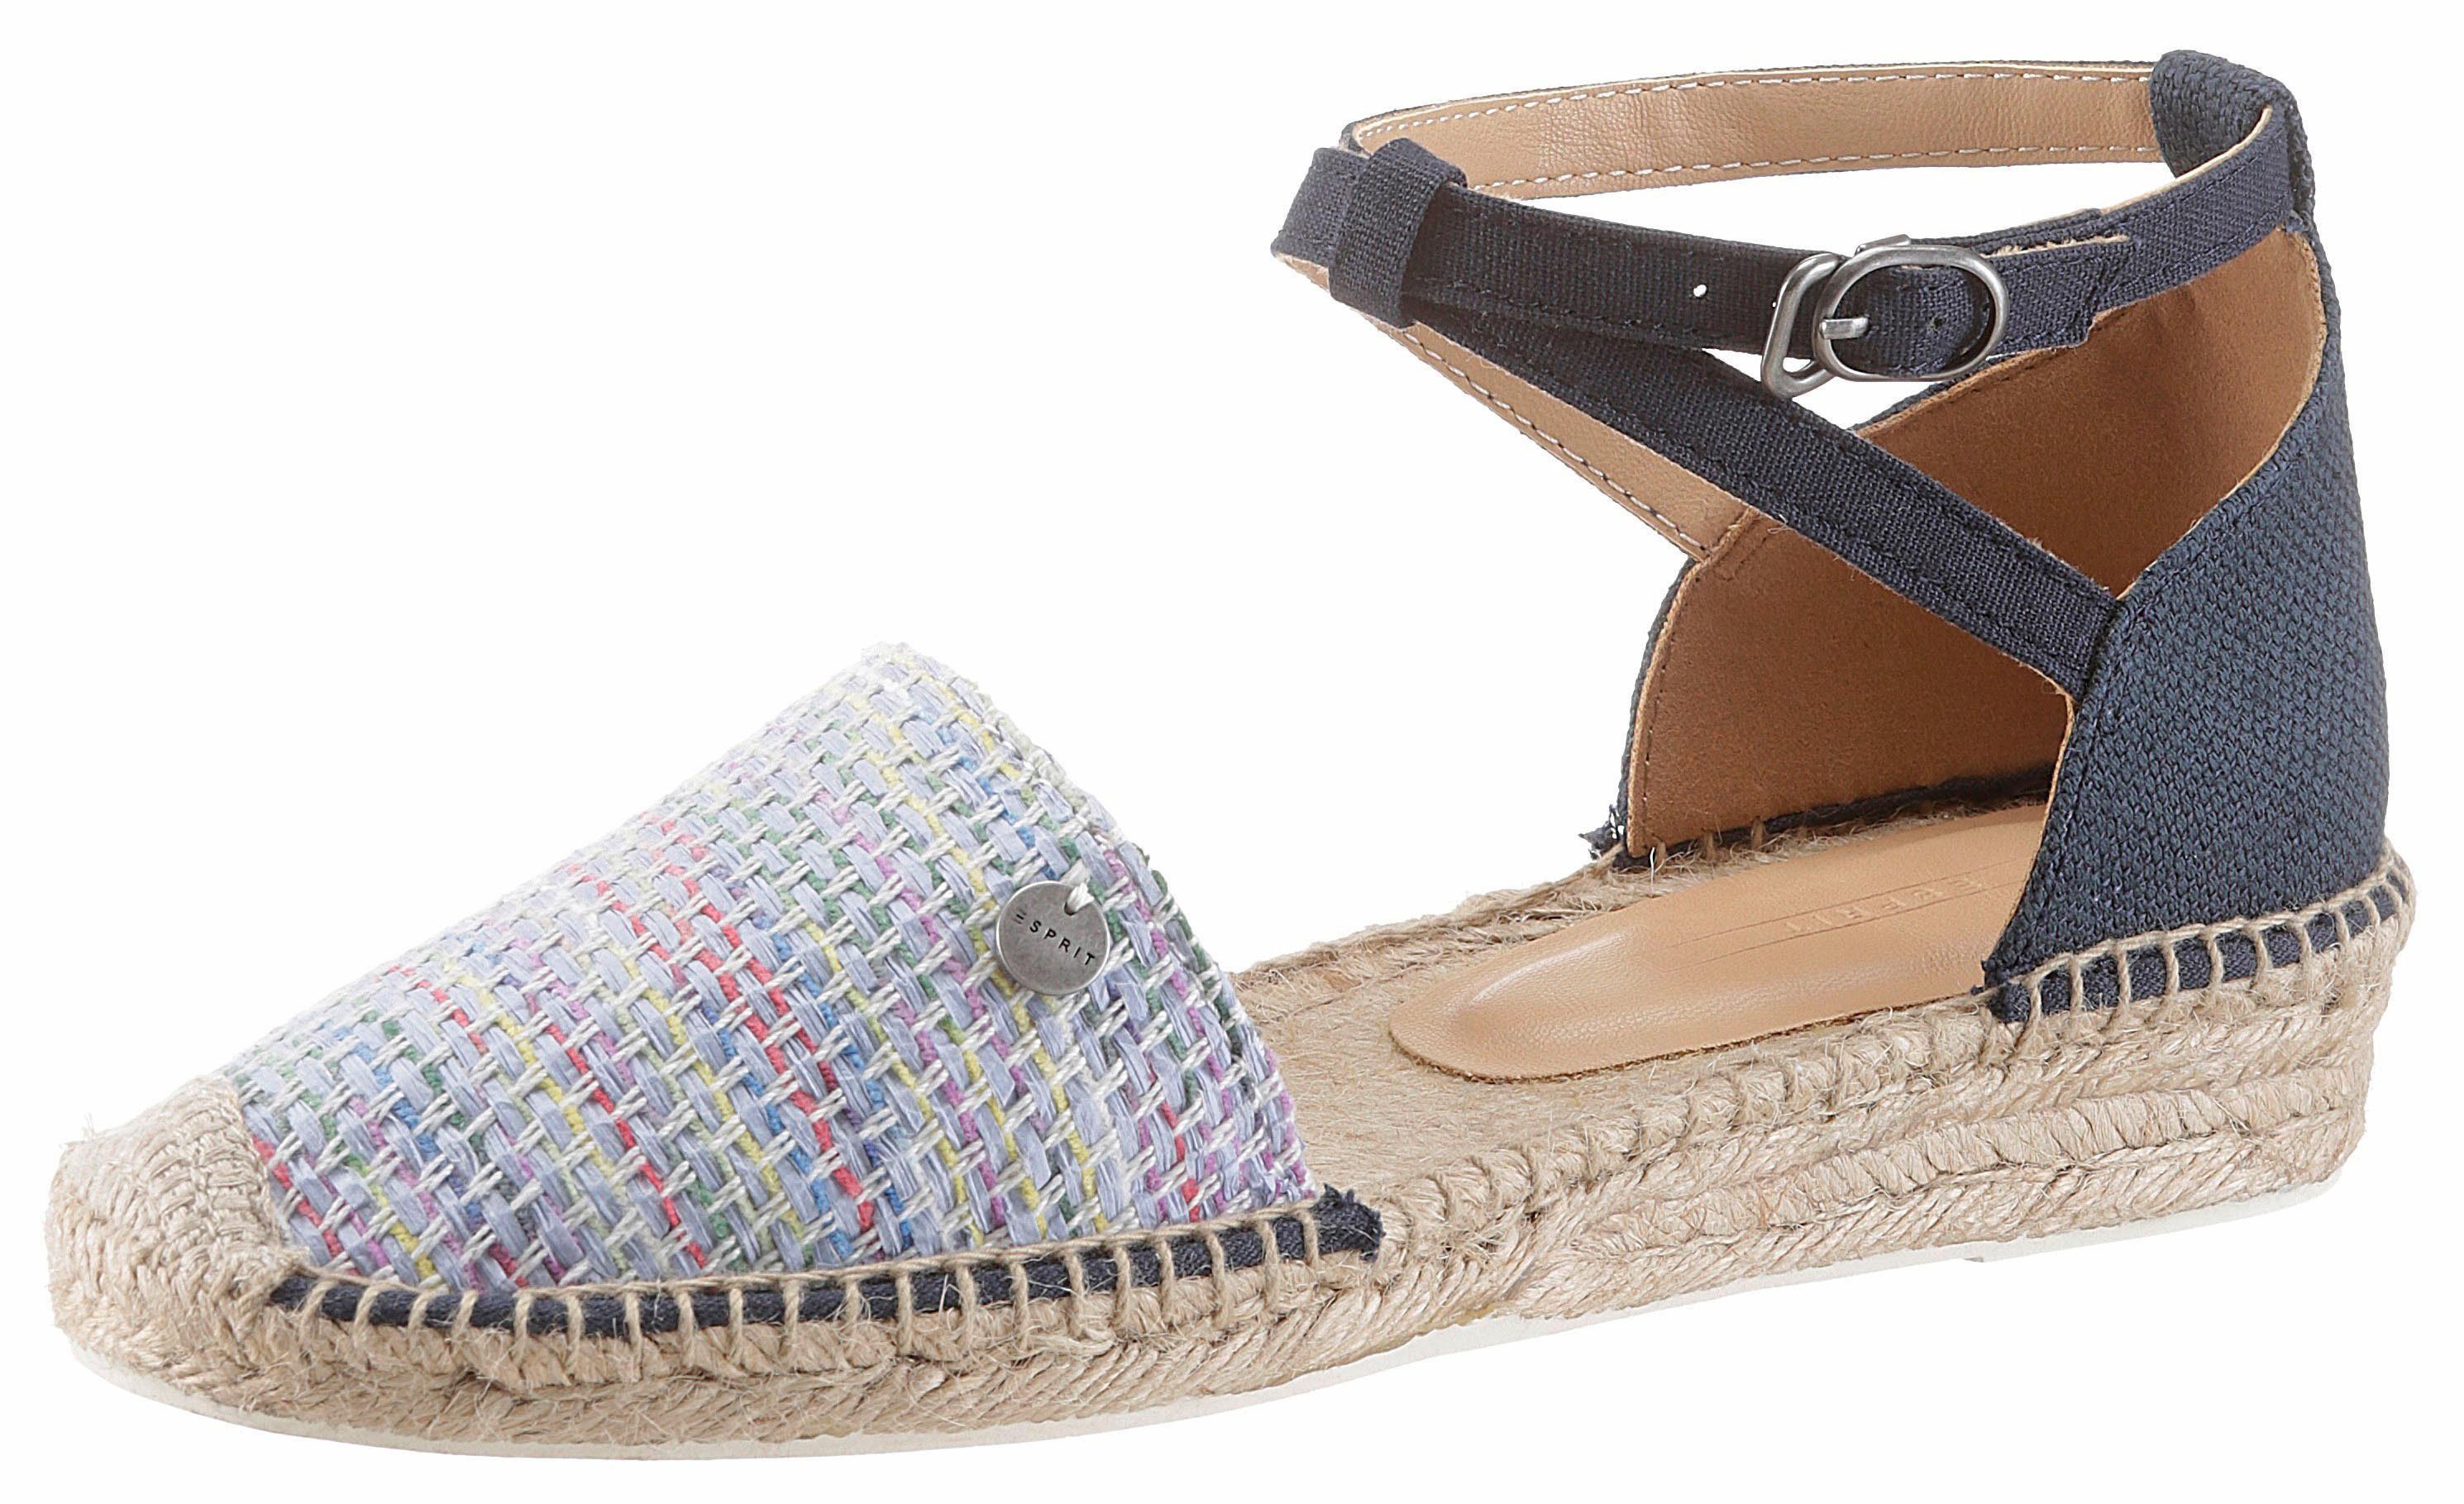 Esprit Espadrilles-Sandale für Damen, Größe 36, Navy